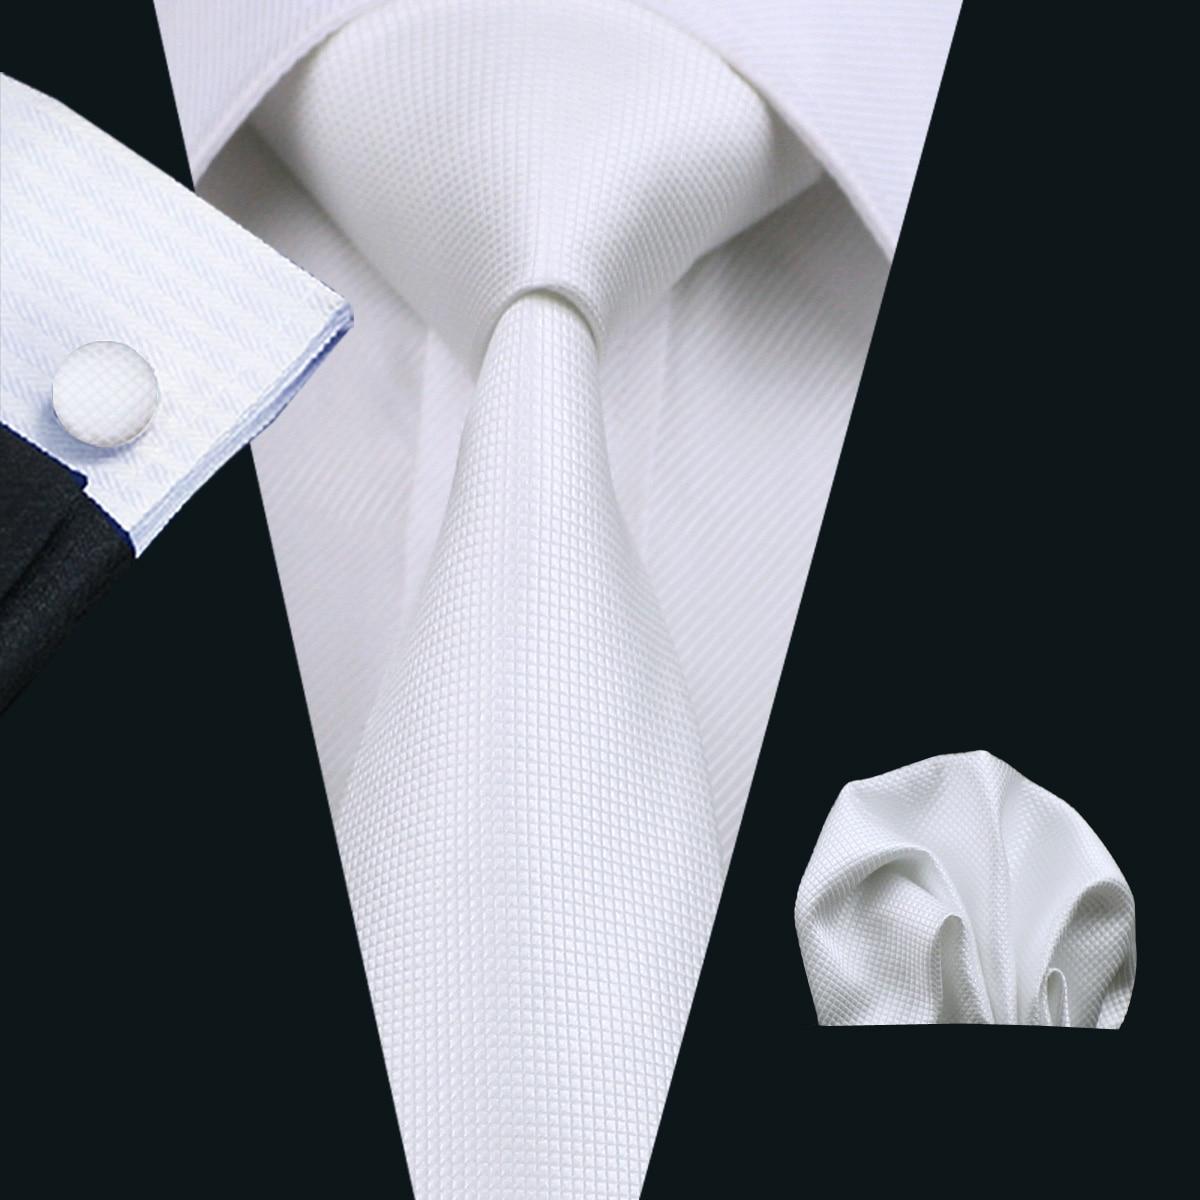 2018 2015 Design New Men's Necktie White Solid Color Plain ...